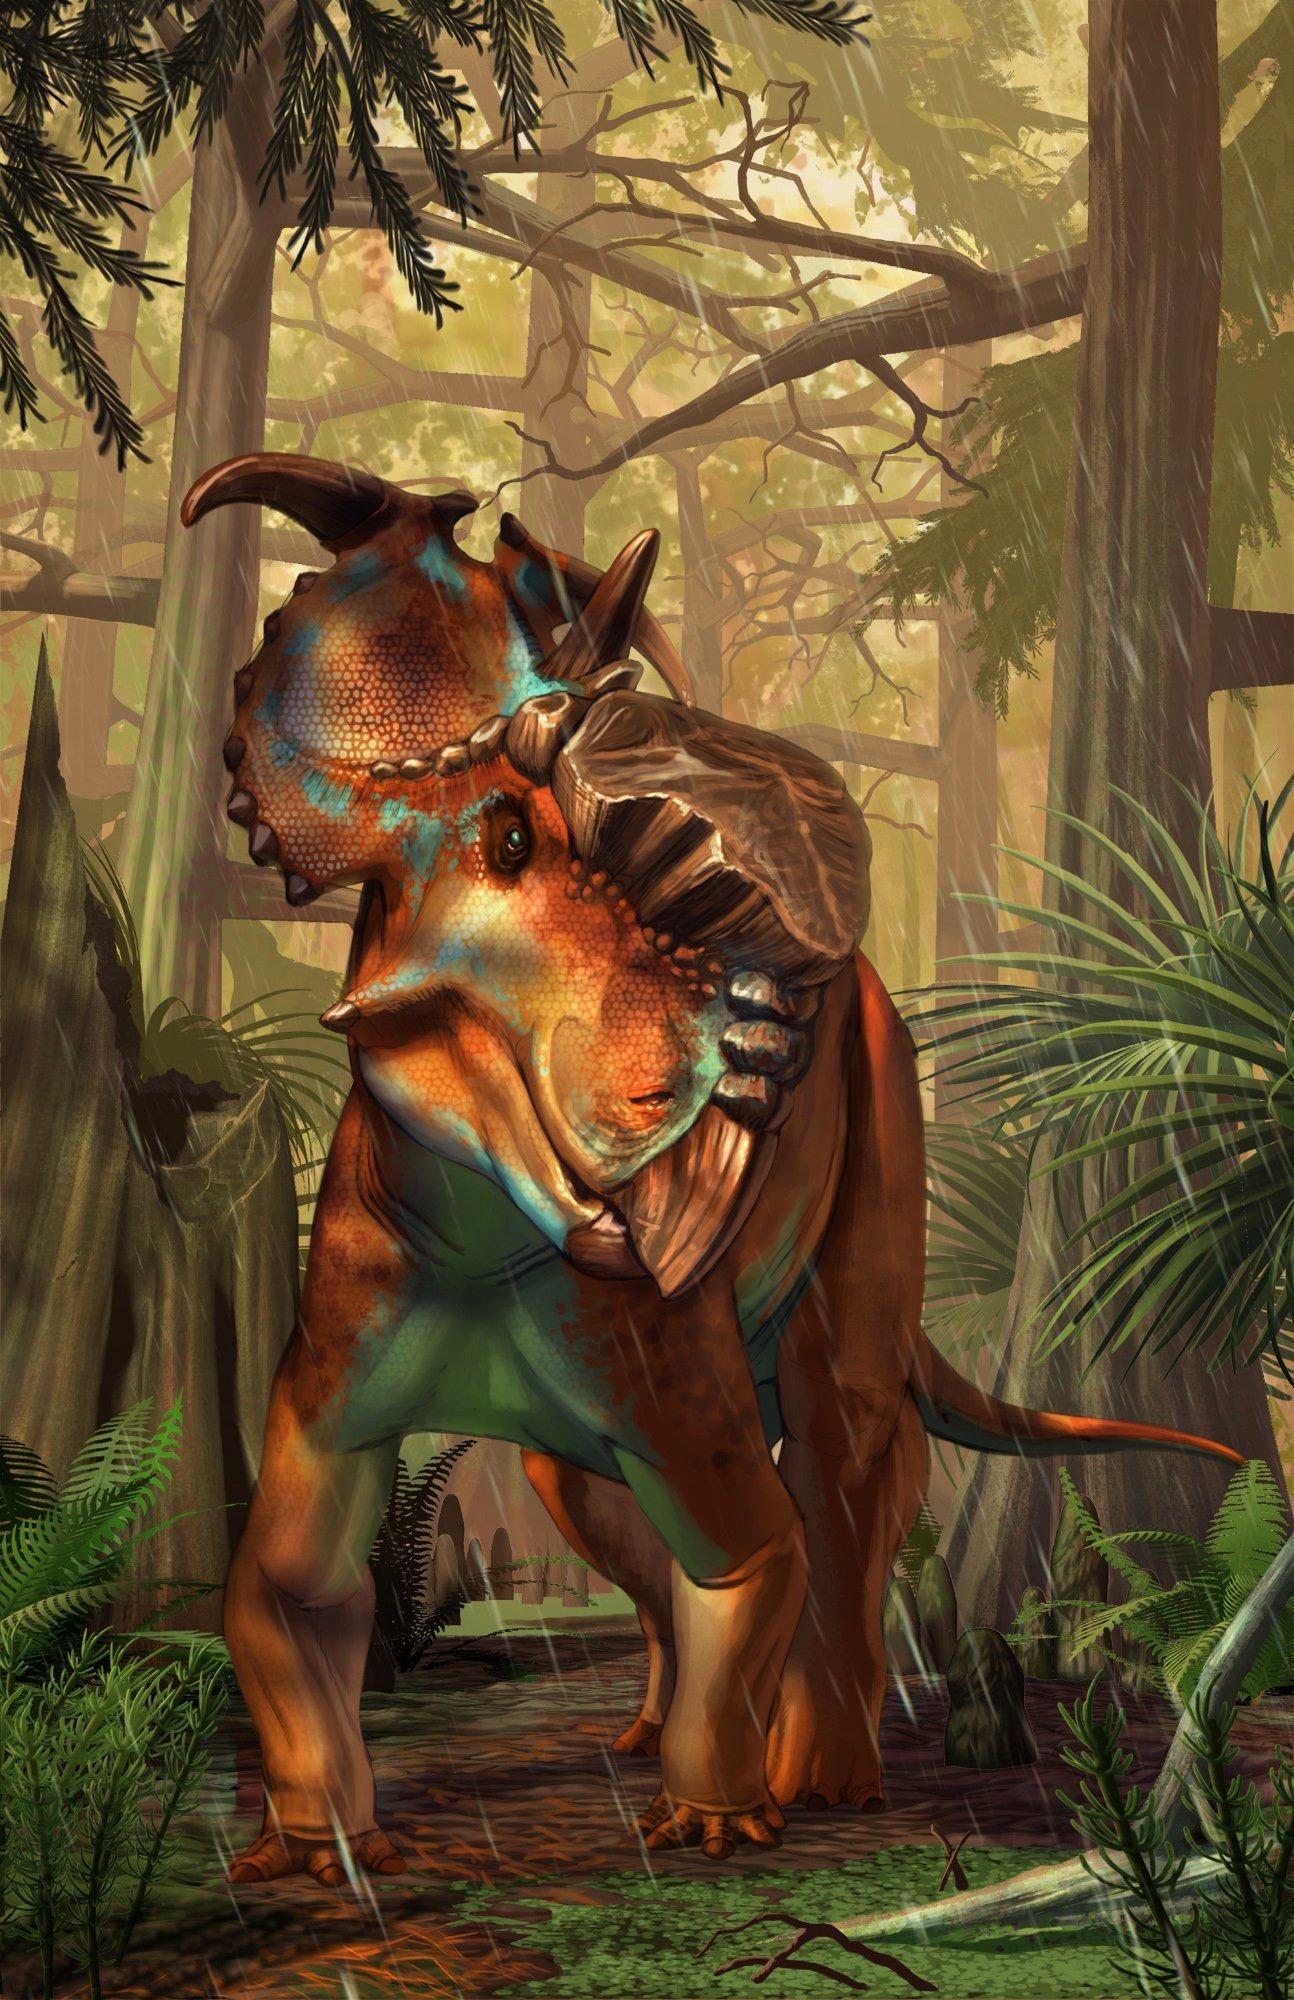 Pachyrhinosaurus Lakustai Beasts Of The Mesozoic Wiki Fandom